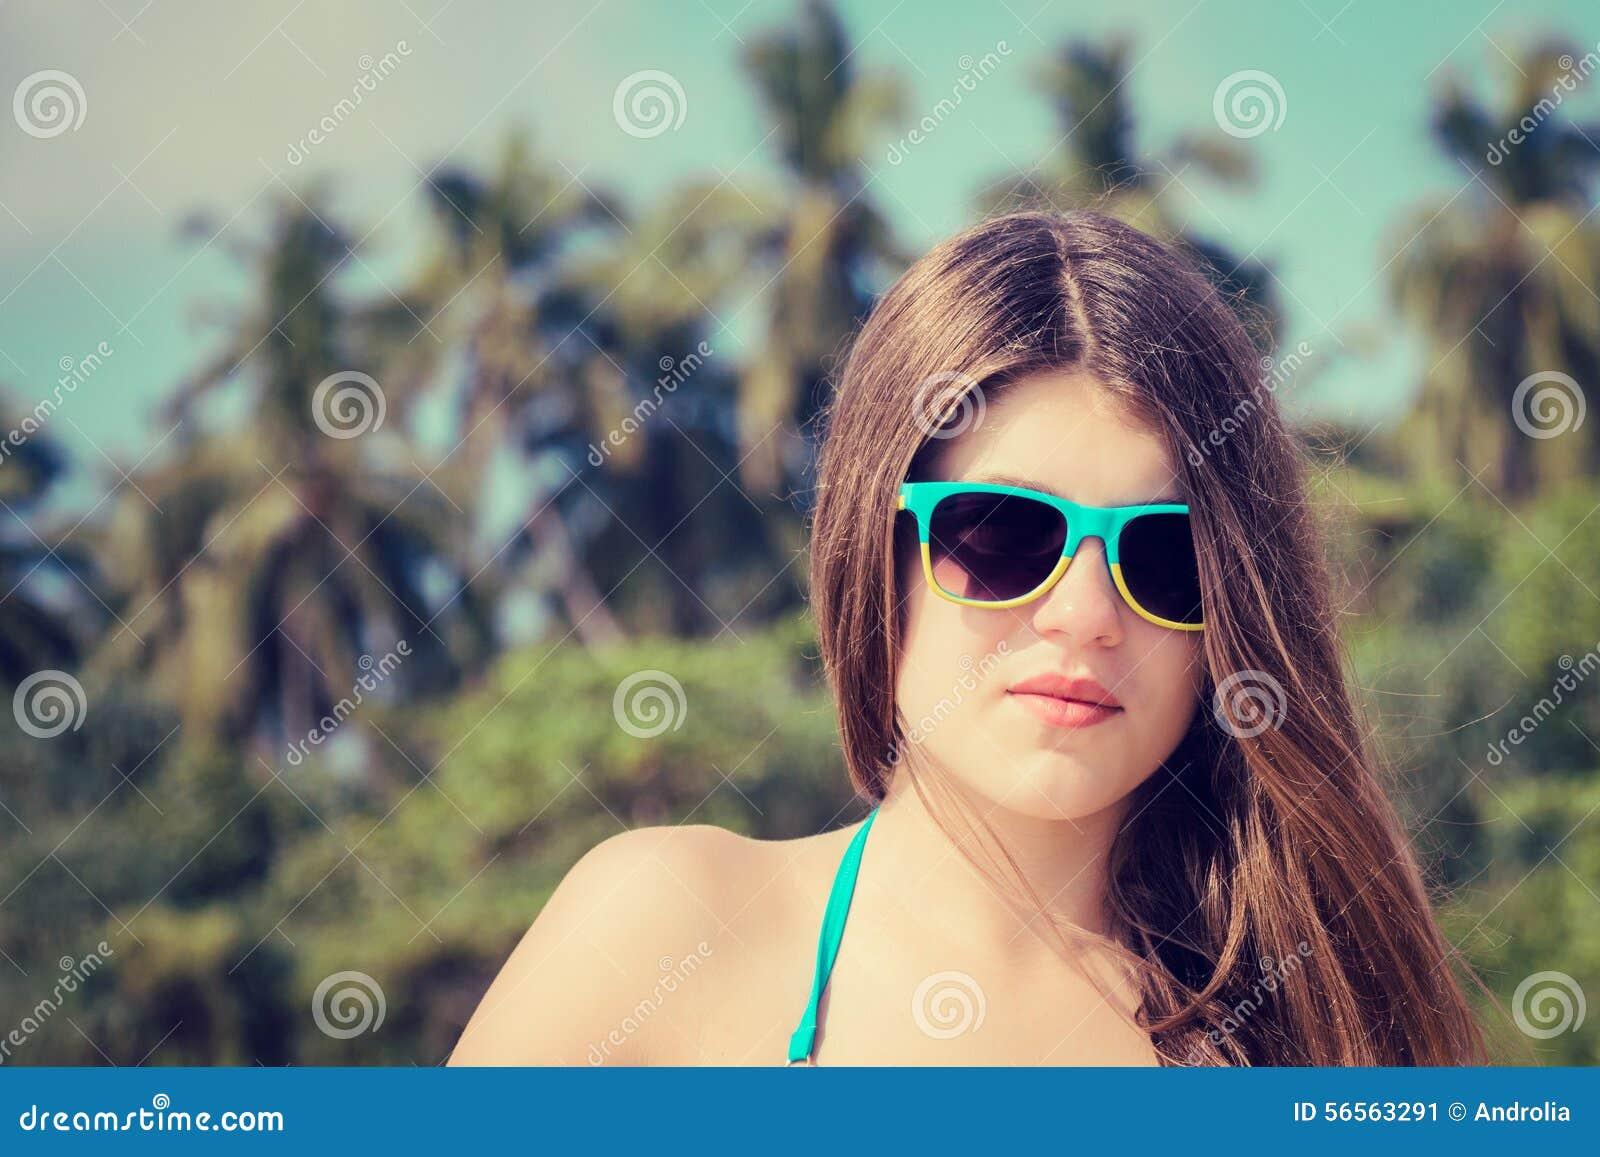 Download Πορτρέτο ενός όμορφου κοριτσιού στα ζωηρόχρωμα γυαλιά ηλίου Στοκ Εικόνα - εικόνα από έξυπνο, θηλυκό: 56563291